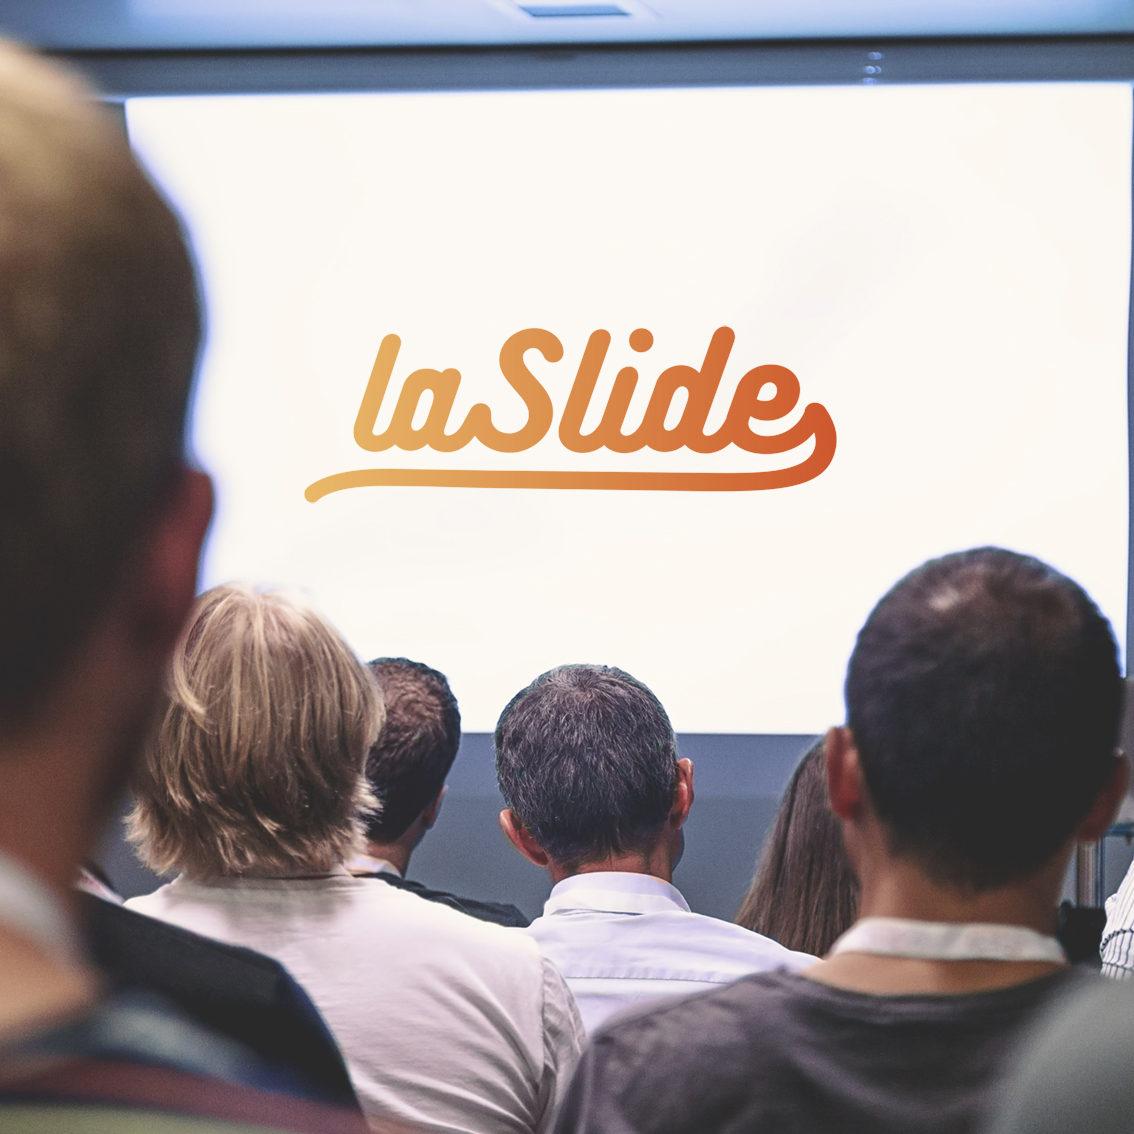 Conférences, visuels, logo, La Slide